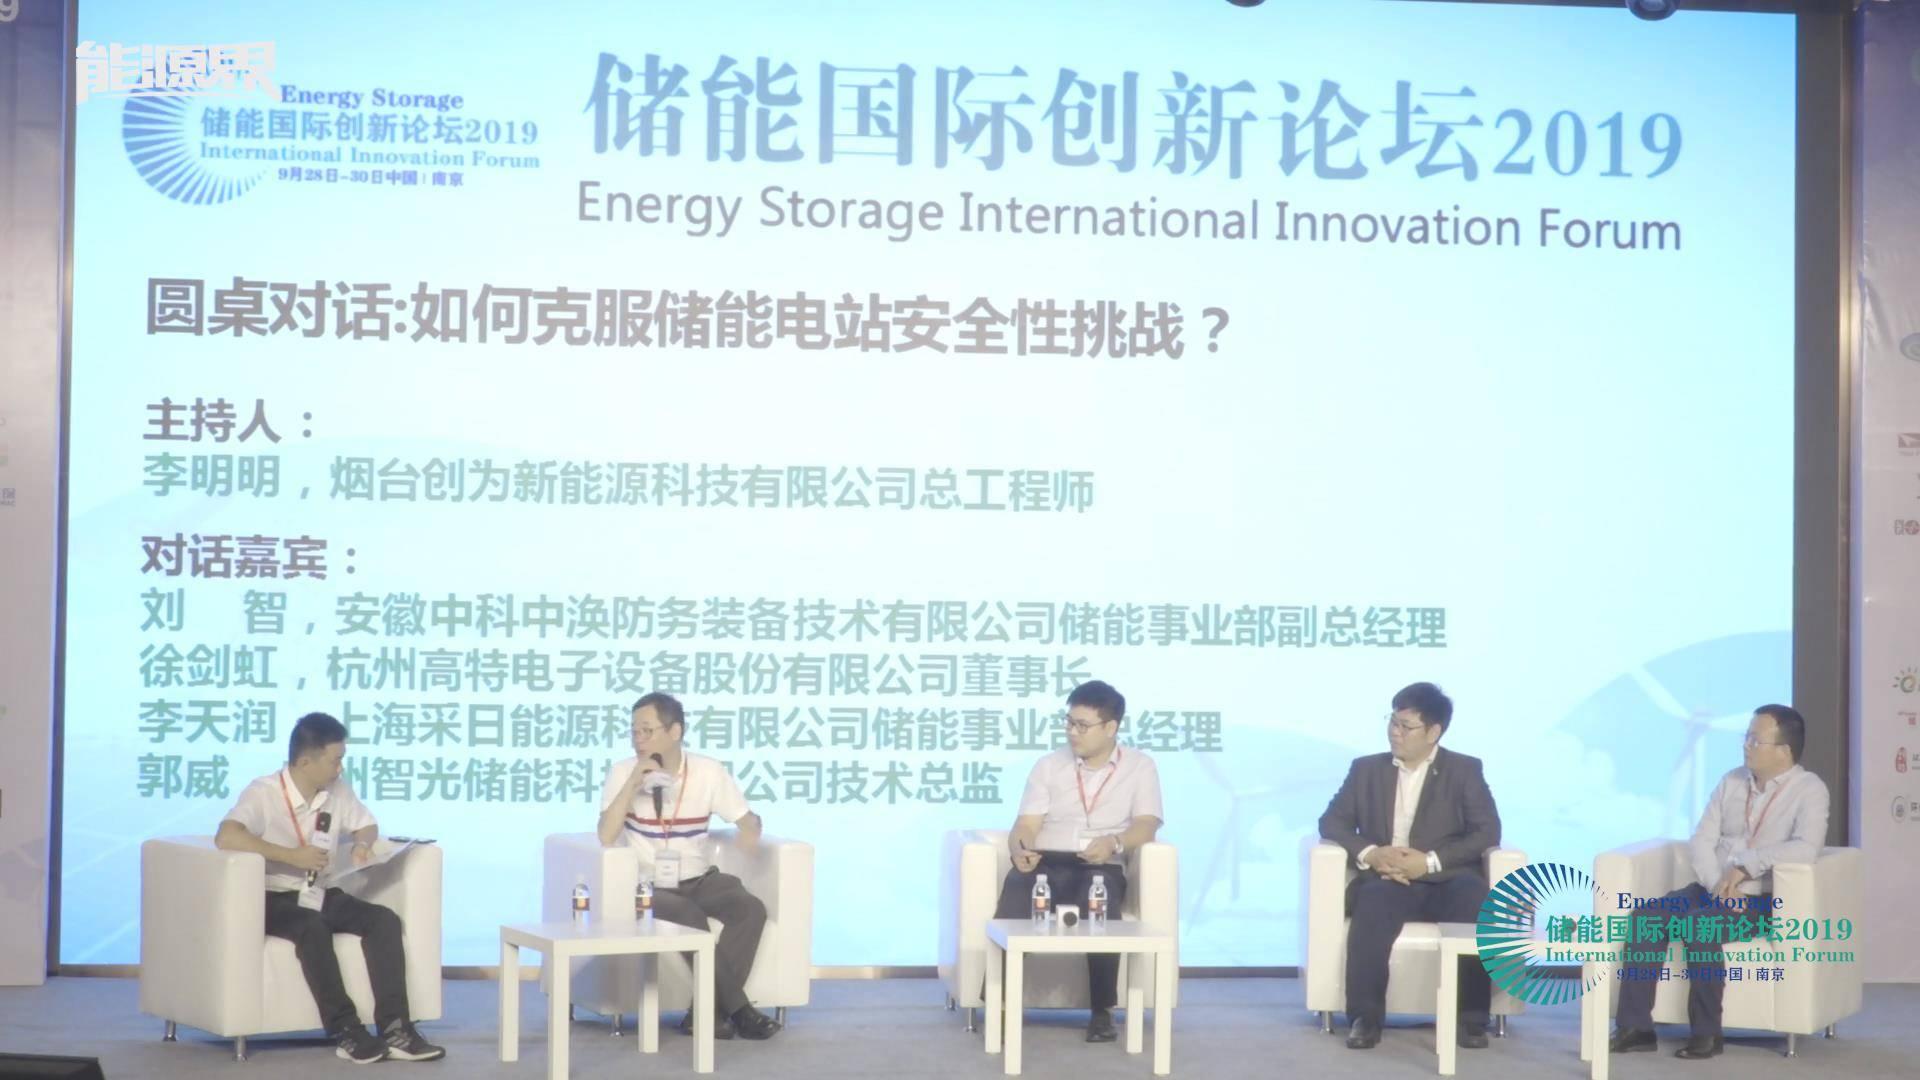 圓桌對話:如何克服儲能電站安全性挑戰